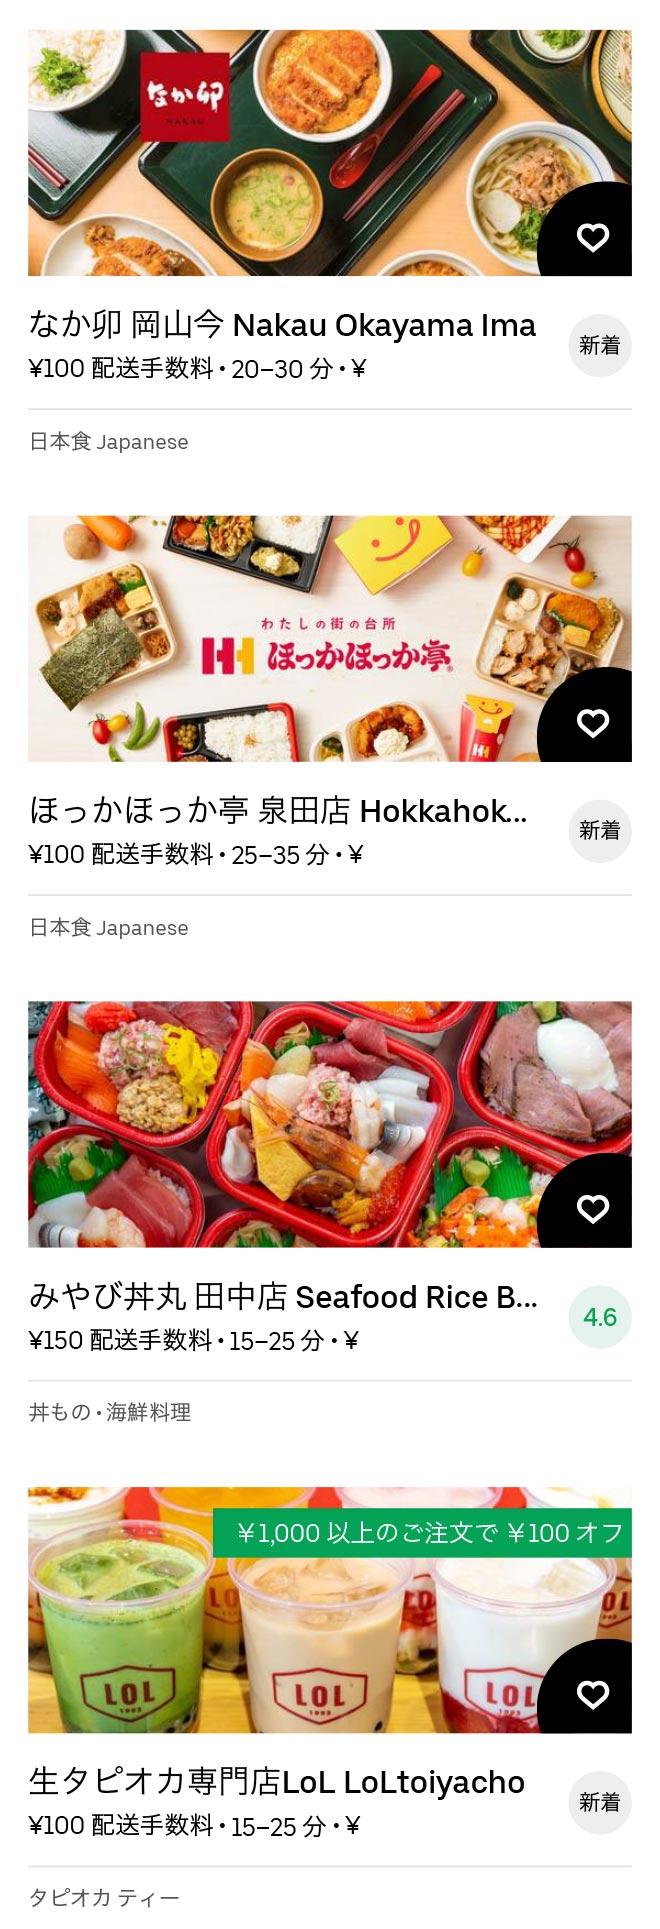 Bizen nishiichi menu 2011 02